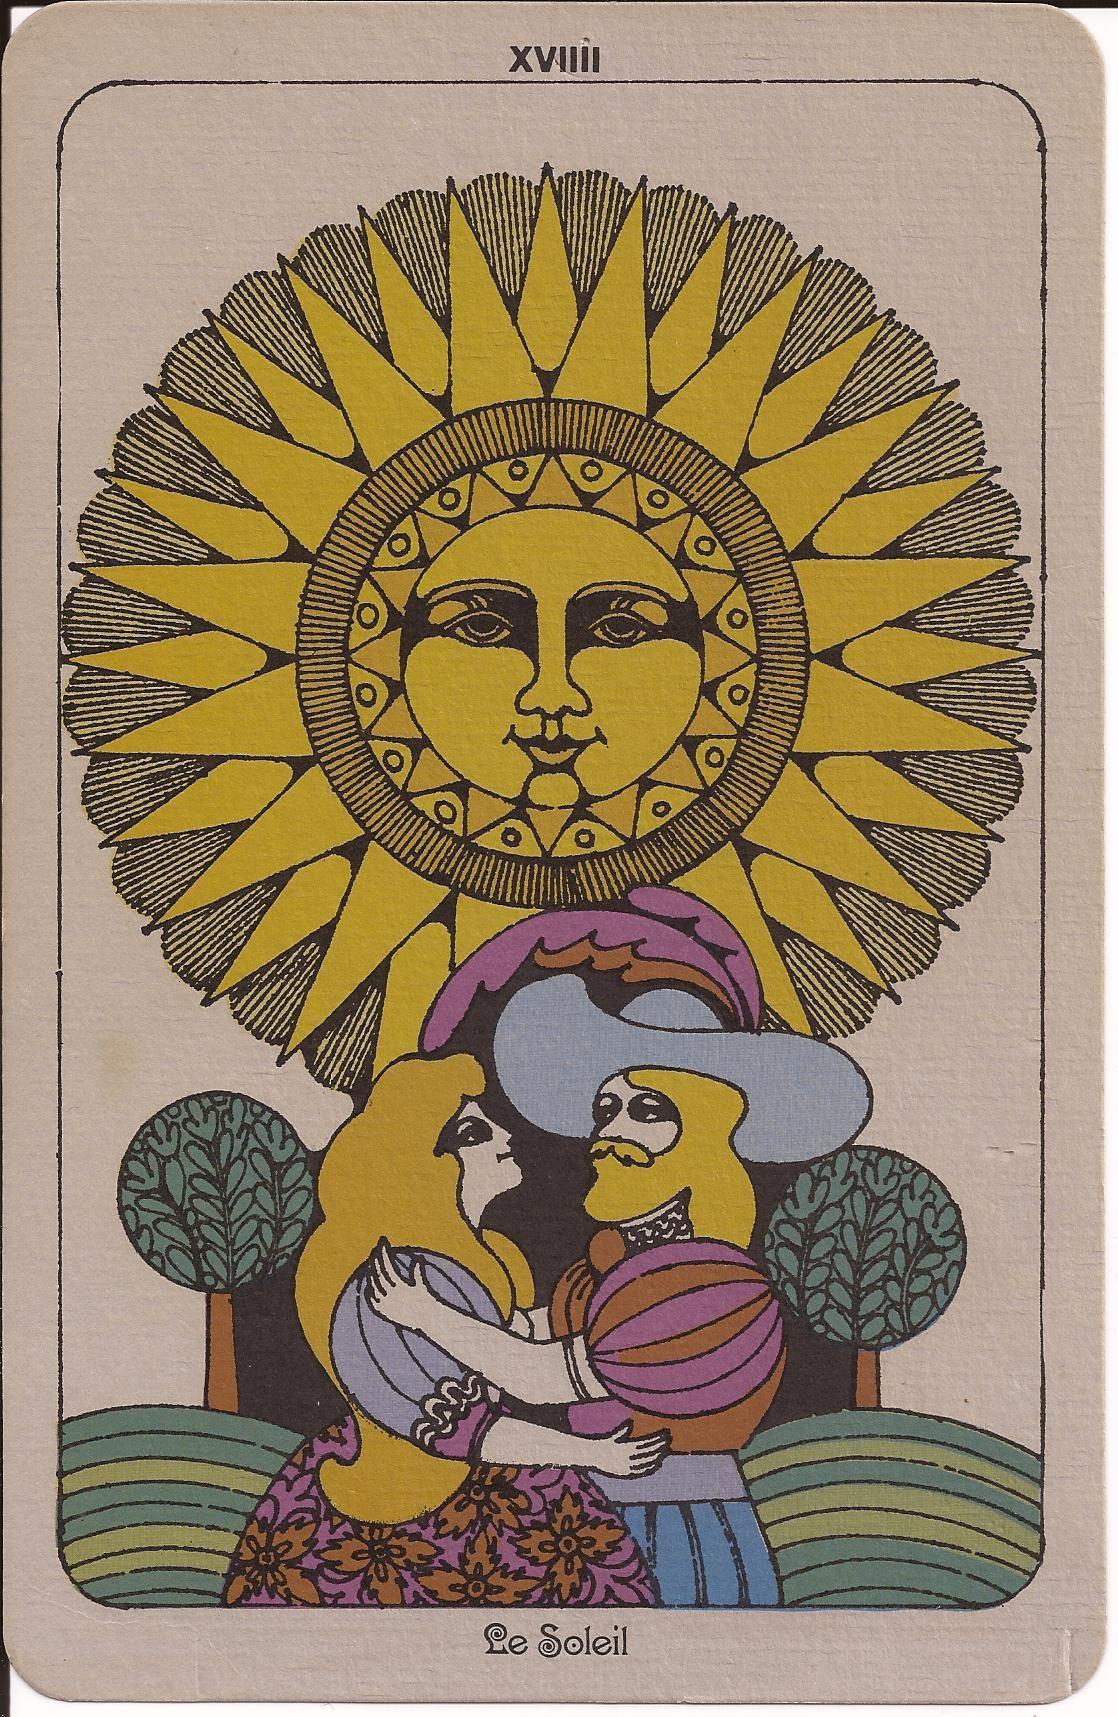 1960s tarot card tarot cards art the sun tarot card